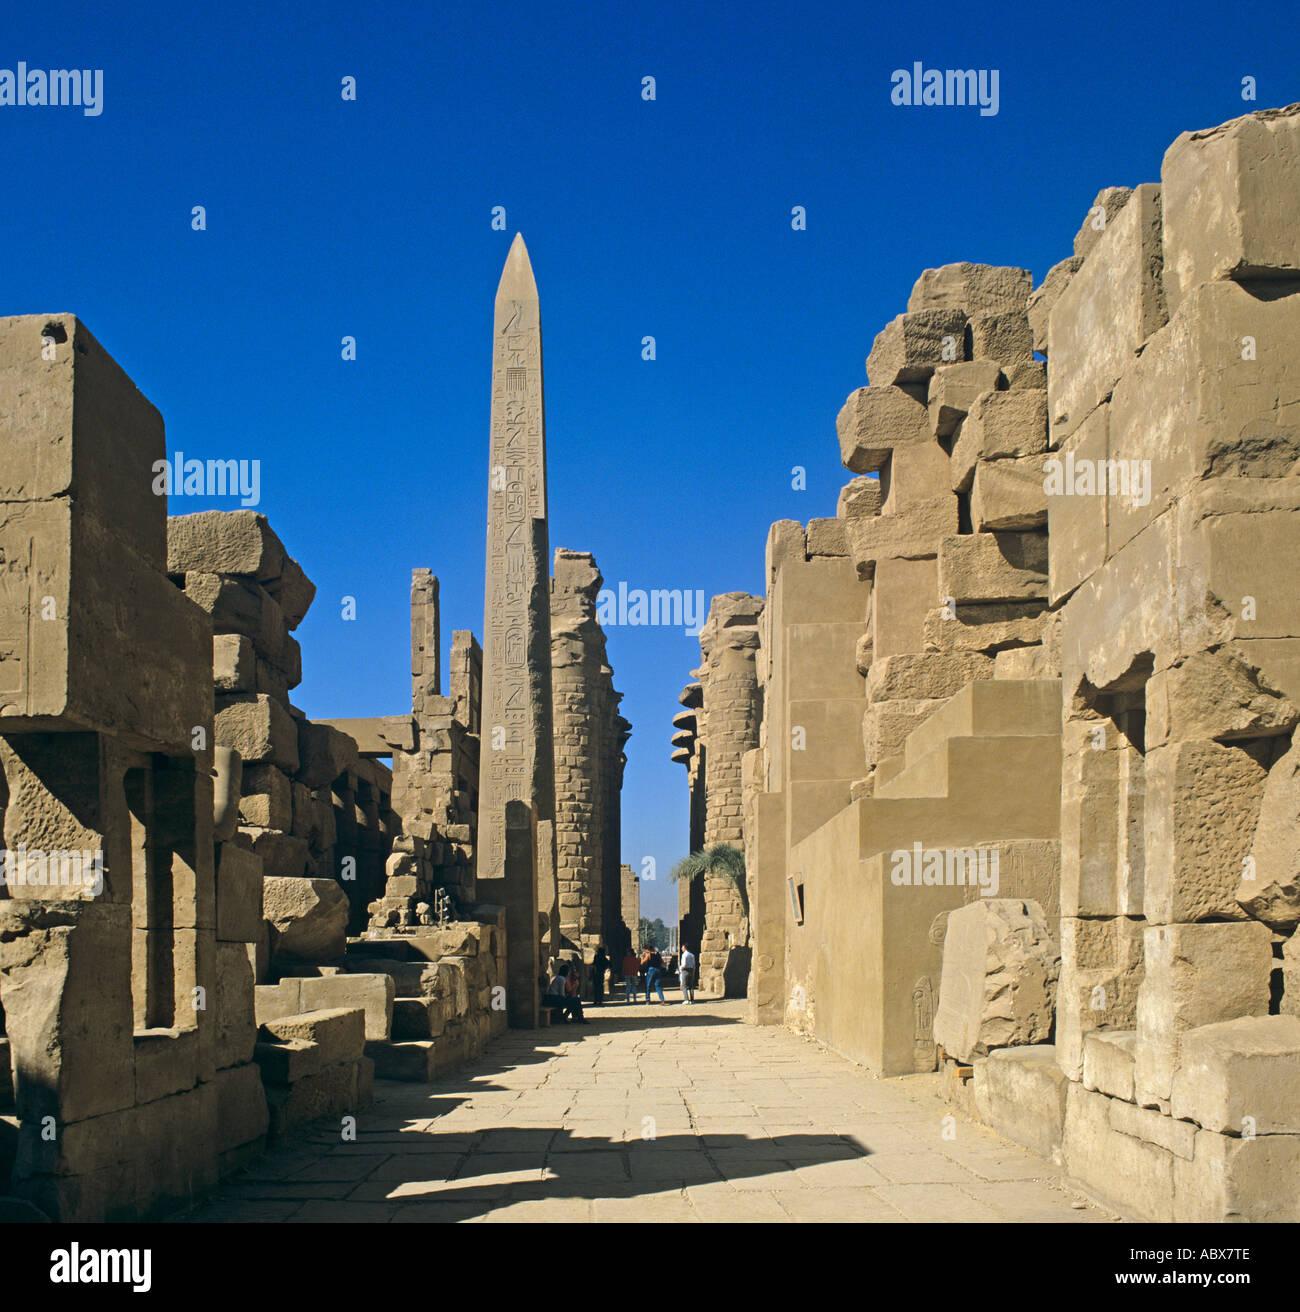 Afrika Africa African Aegypten Egypt Egypte Egyptian Egypt Oberaegypten Karnak Grosser Great Amun Tempel Temple - Stock Image